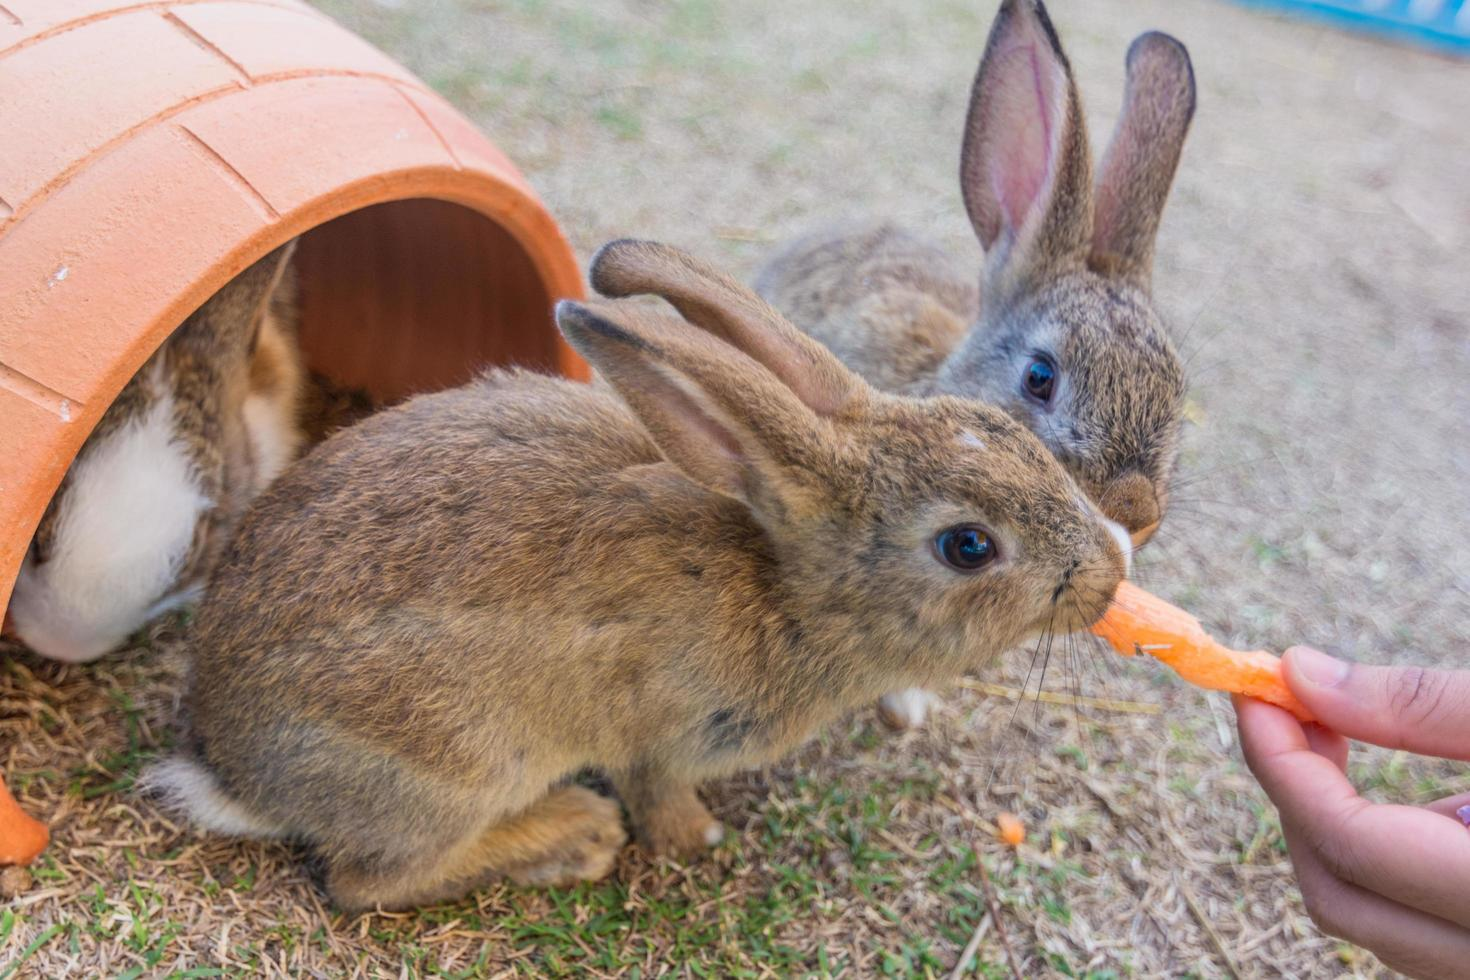 il coniglio mangia la carota foto